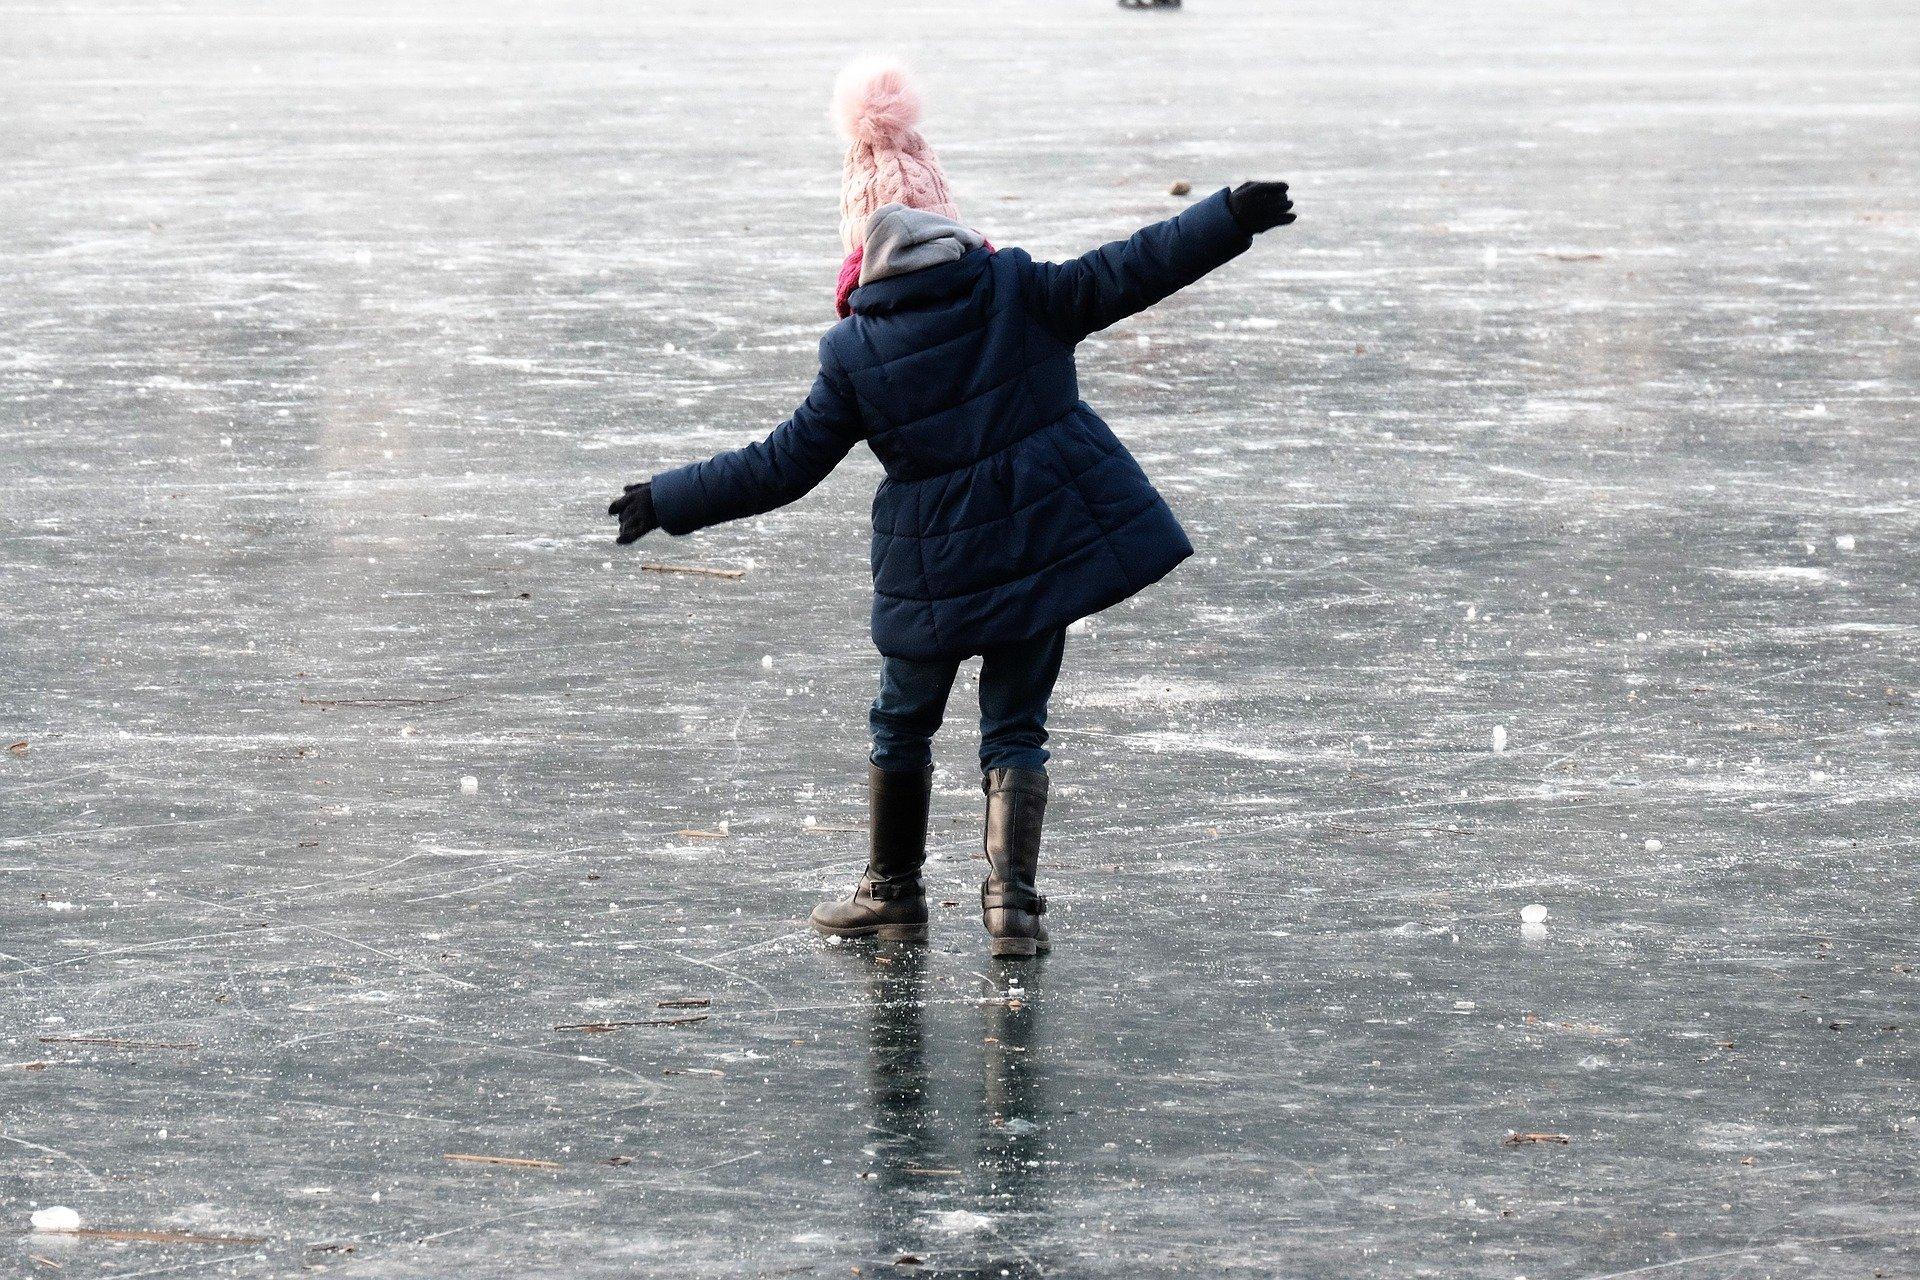 выбрал картинки людей в движении зимой по льду креативно смотрятся